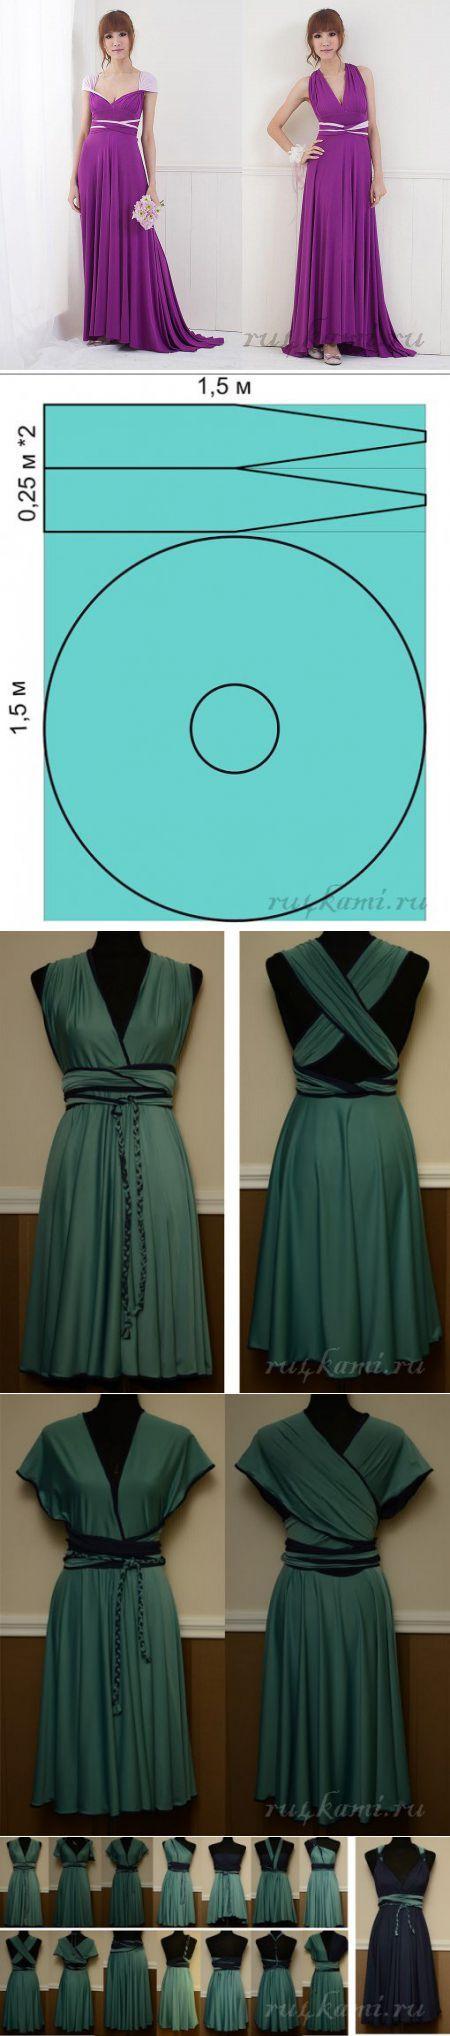 Платье трансформер своими руками » Сайт 'Ручками' - делаем вещи своими руками